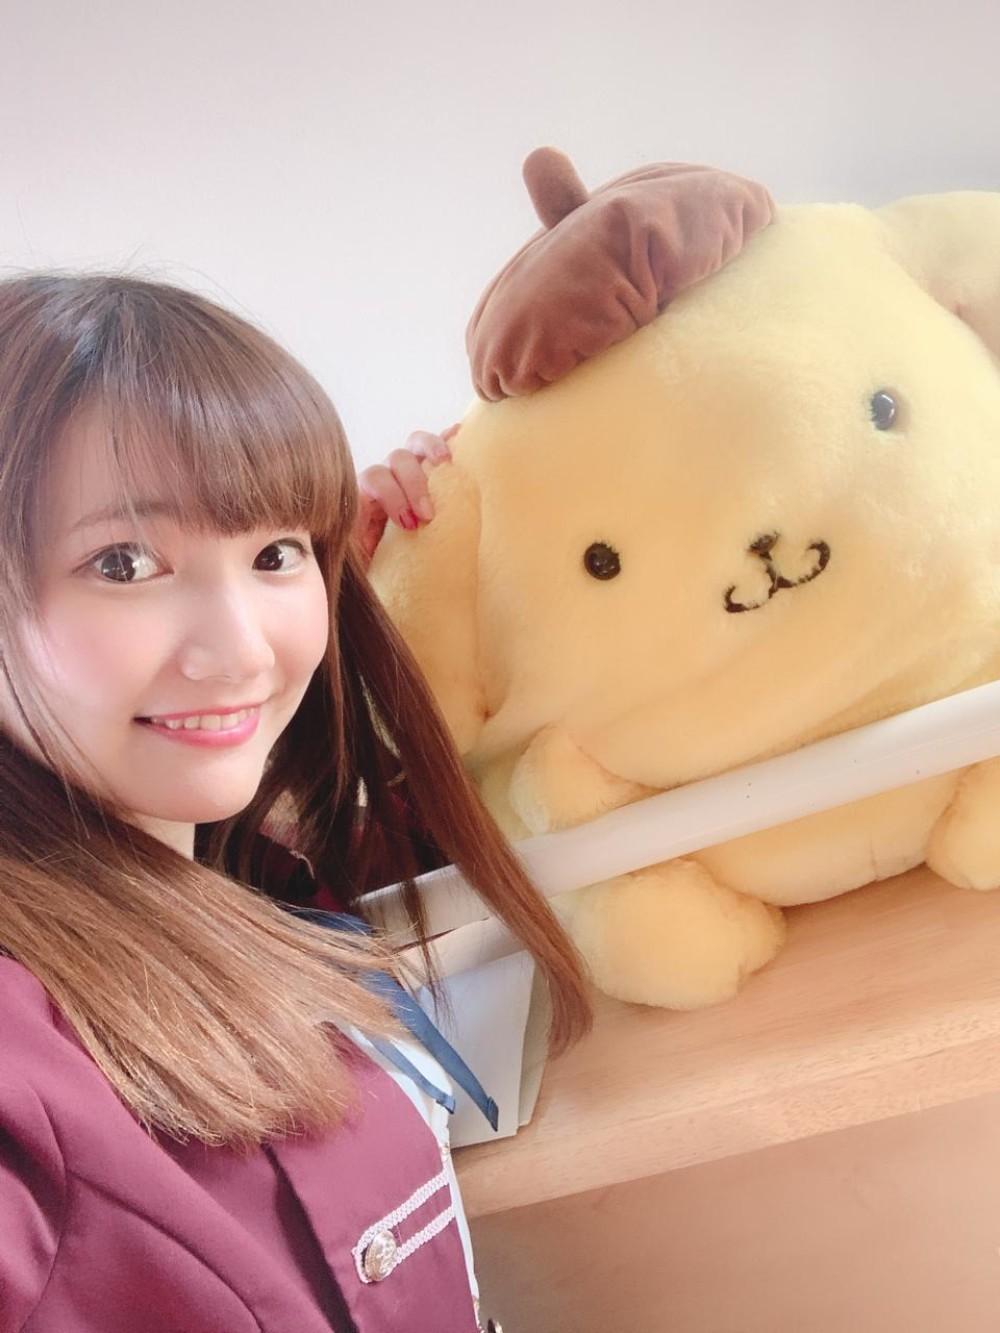 渡邊さえ(Purpure☆)(Purpure☆N.E.O )